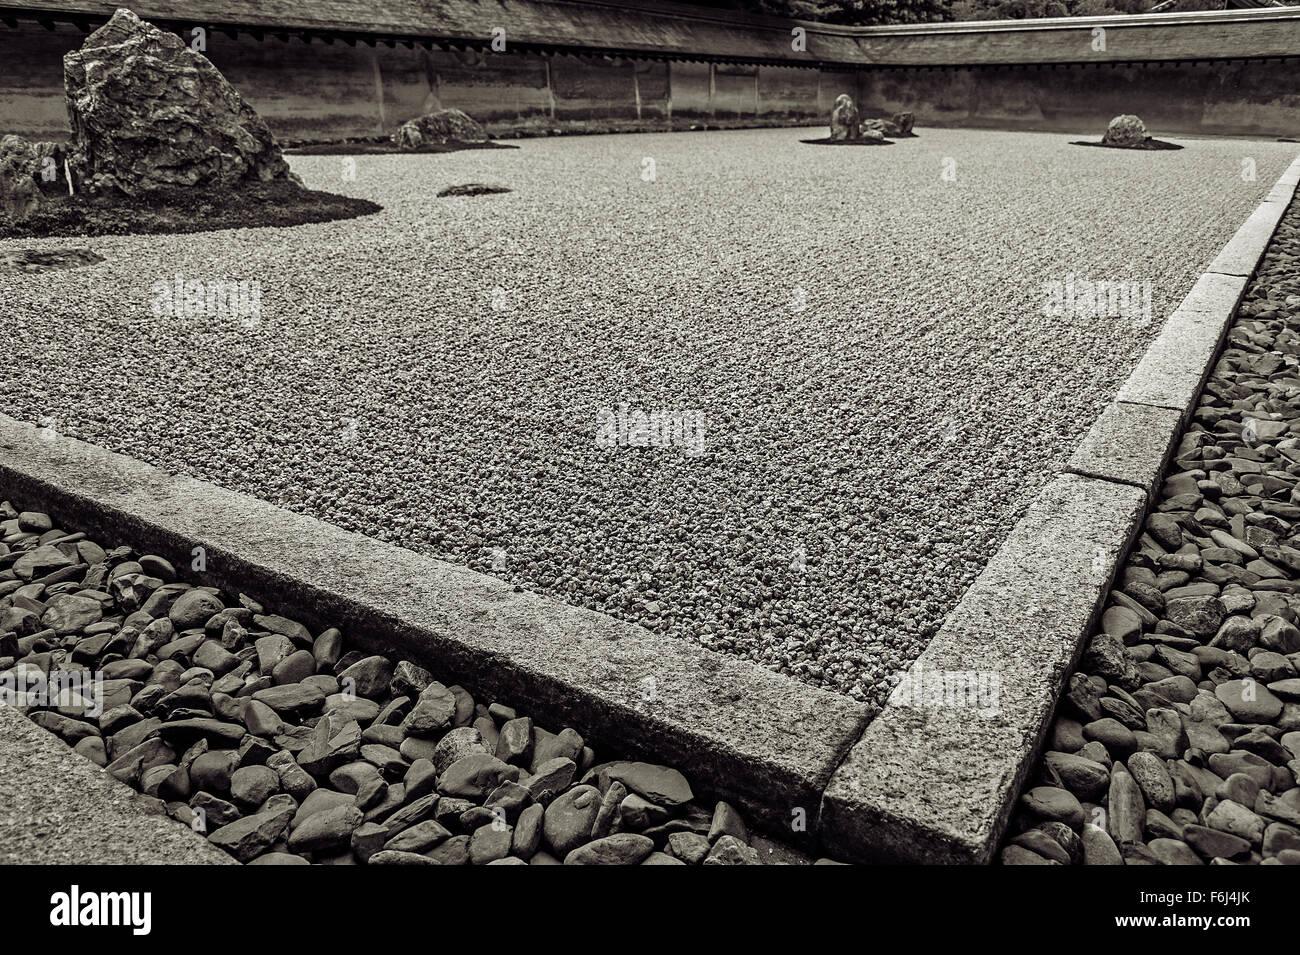 Kyoto, Karesansui garden - Stock Image